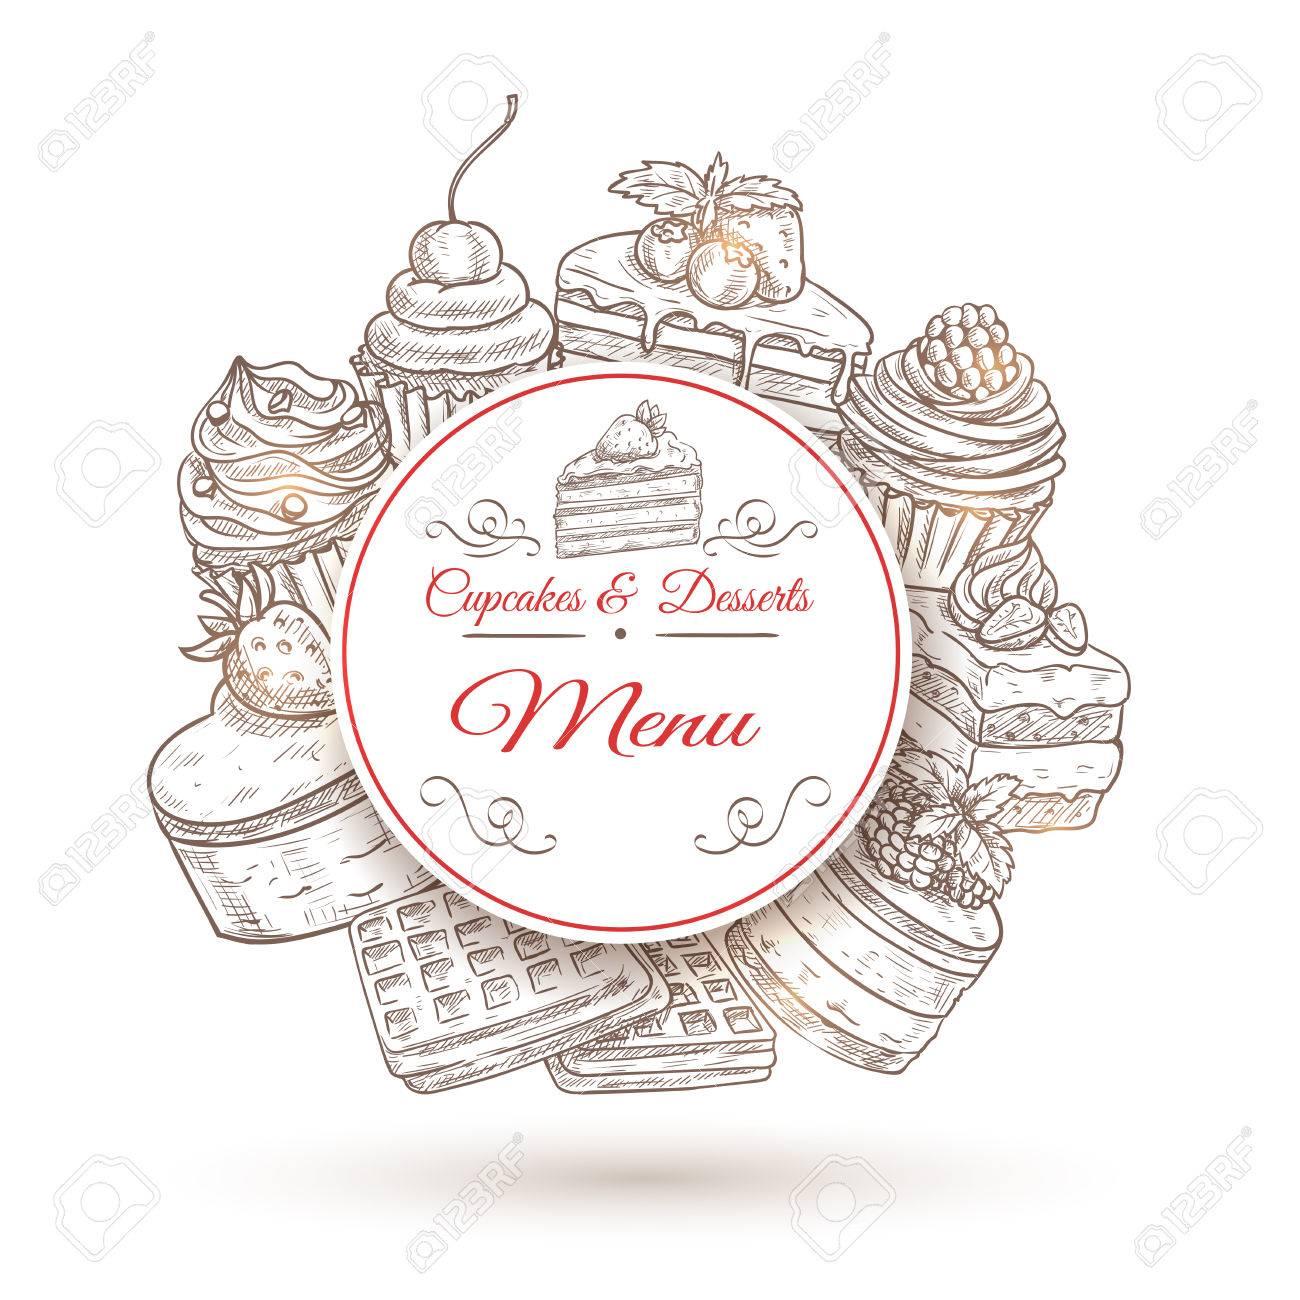 Gebäck Desserts Menü Plakat Mit Kuchen, Kleinen Kuchen, Muffins Und ...